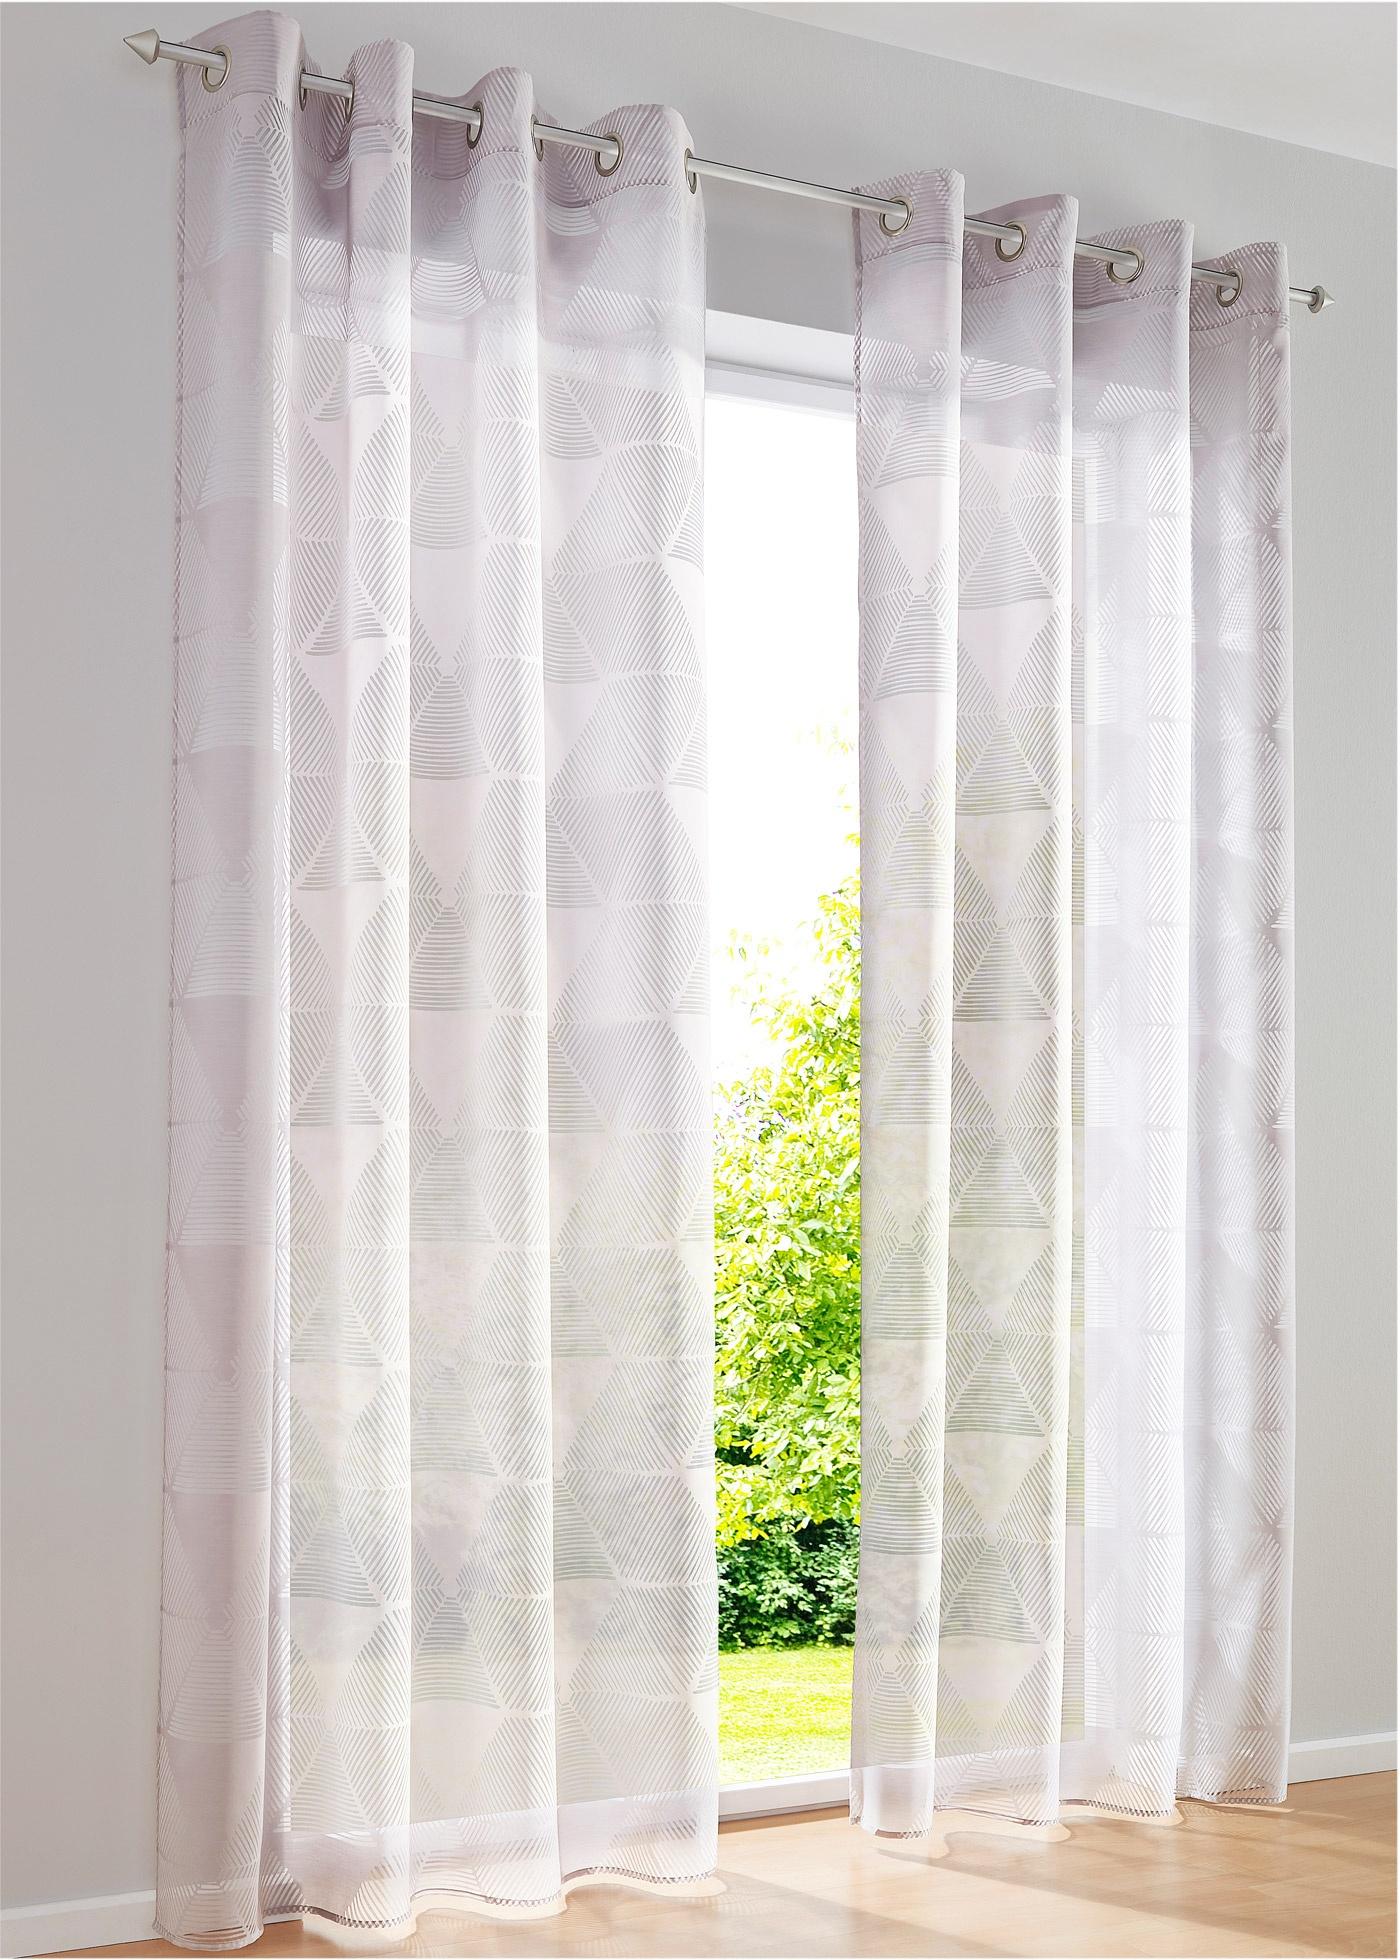 oesen gardinen grau preisvergleiche erfahrungsberichte und kauf bei nextag. Black Bedroom Furniture Sets. Home Design Ideas